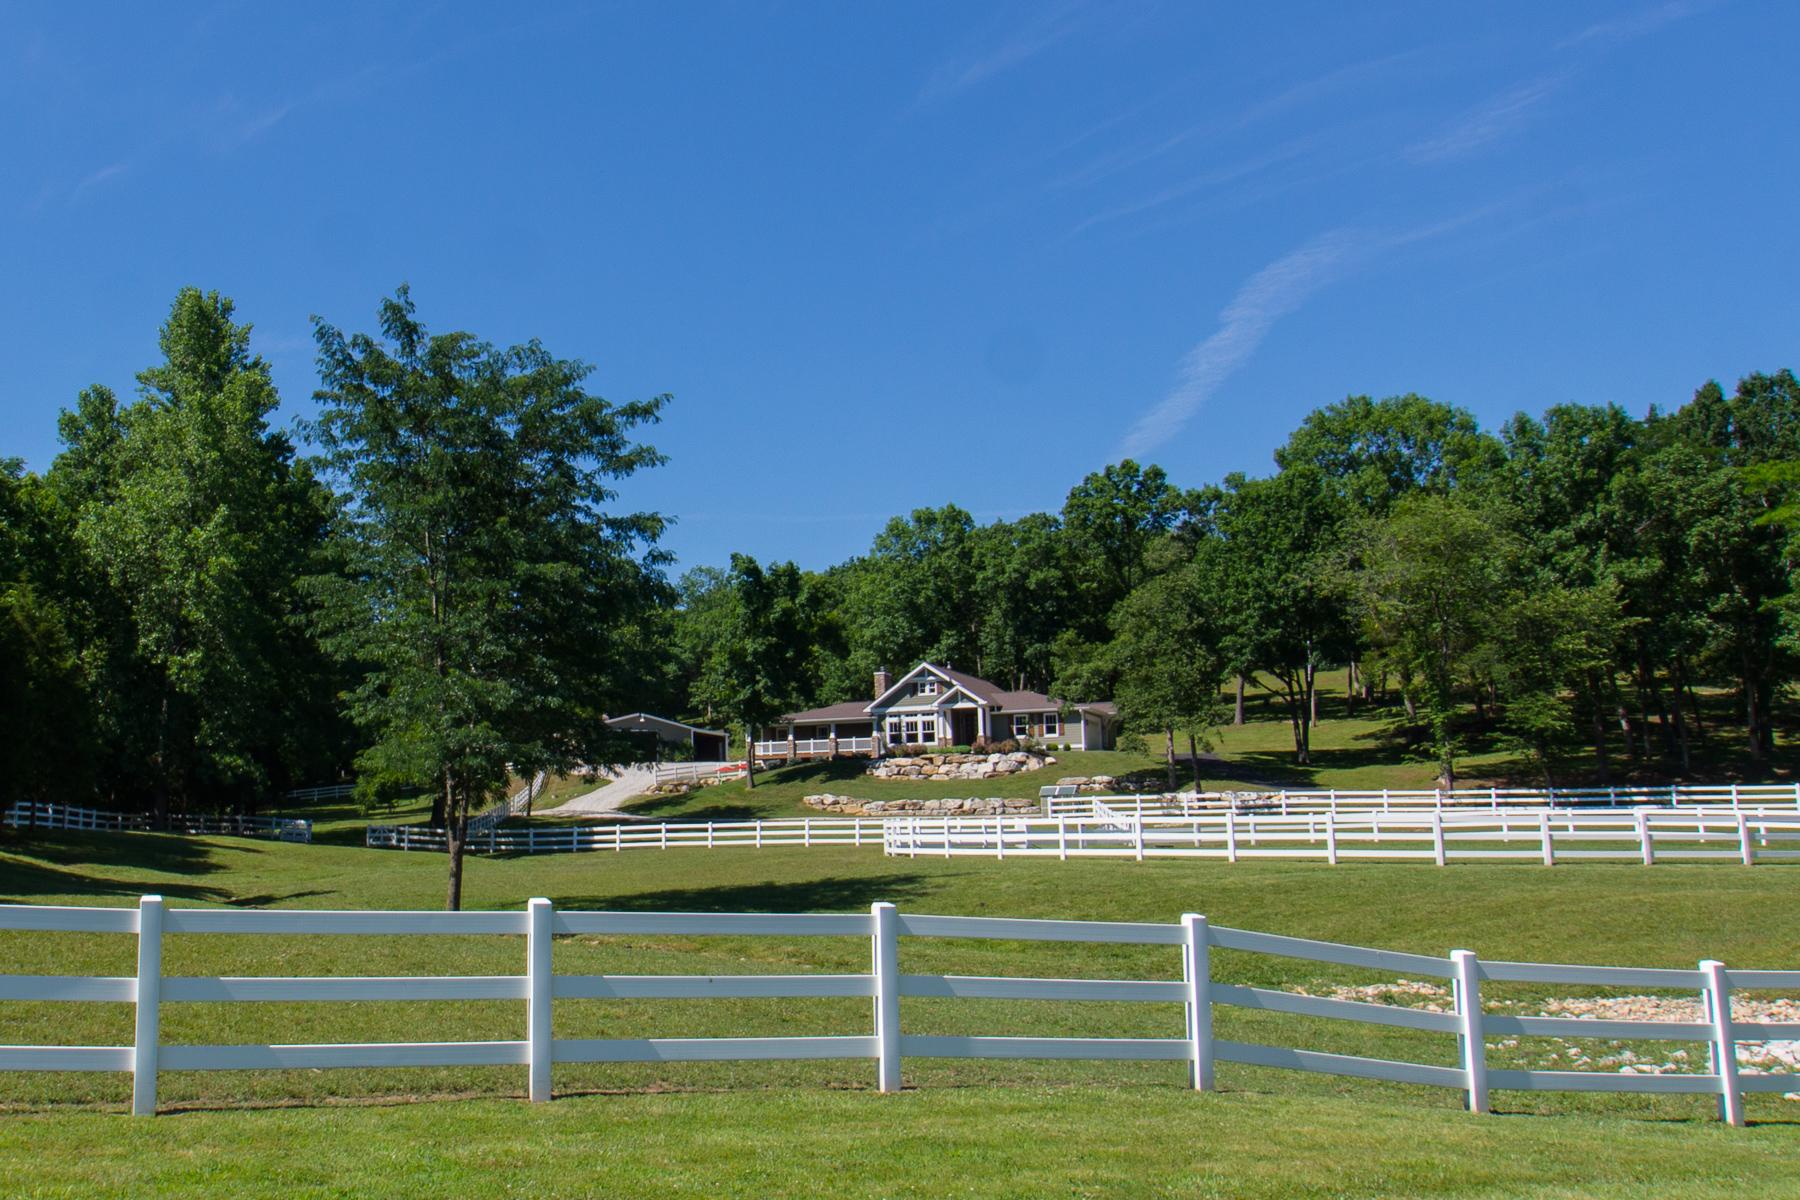 Single Family Home for Sale at Whitsetts Ford Rd 3429 Whitsetts Fork Road Glencoe, Missouri, 63038 United States